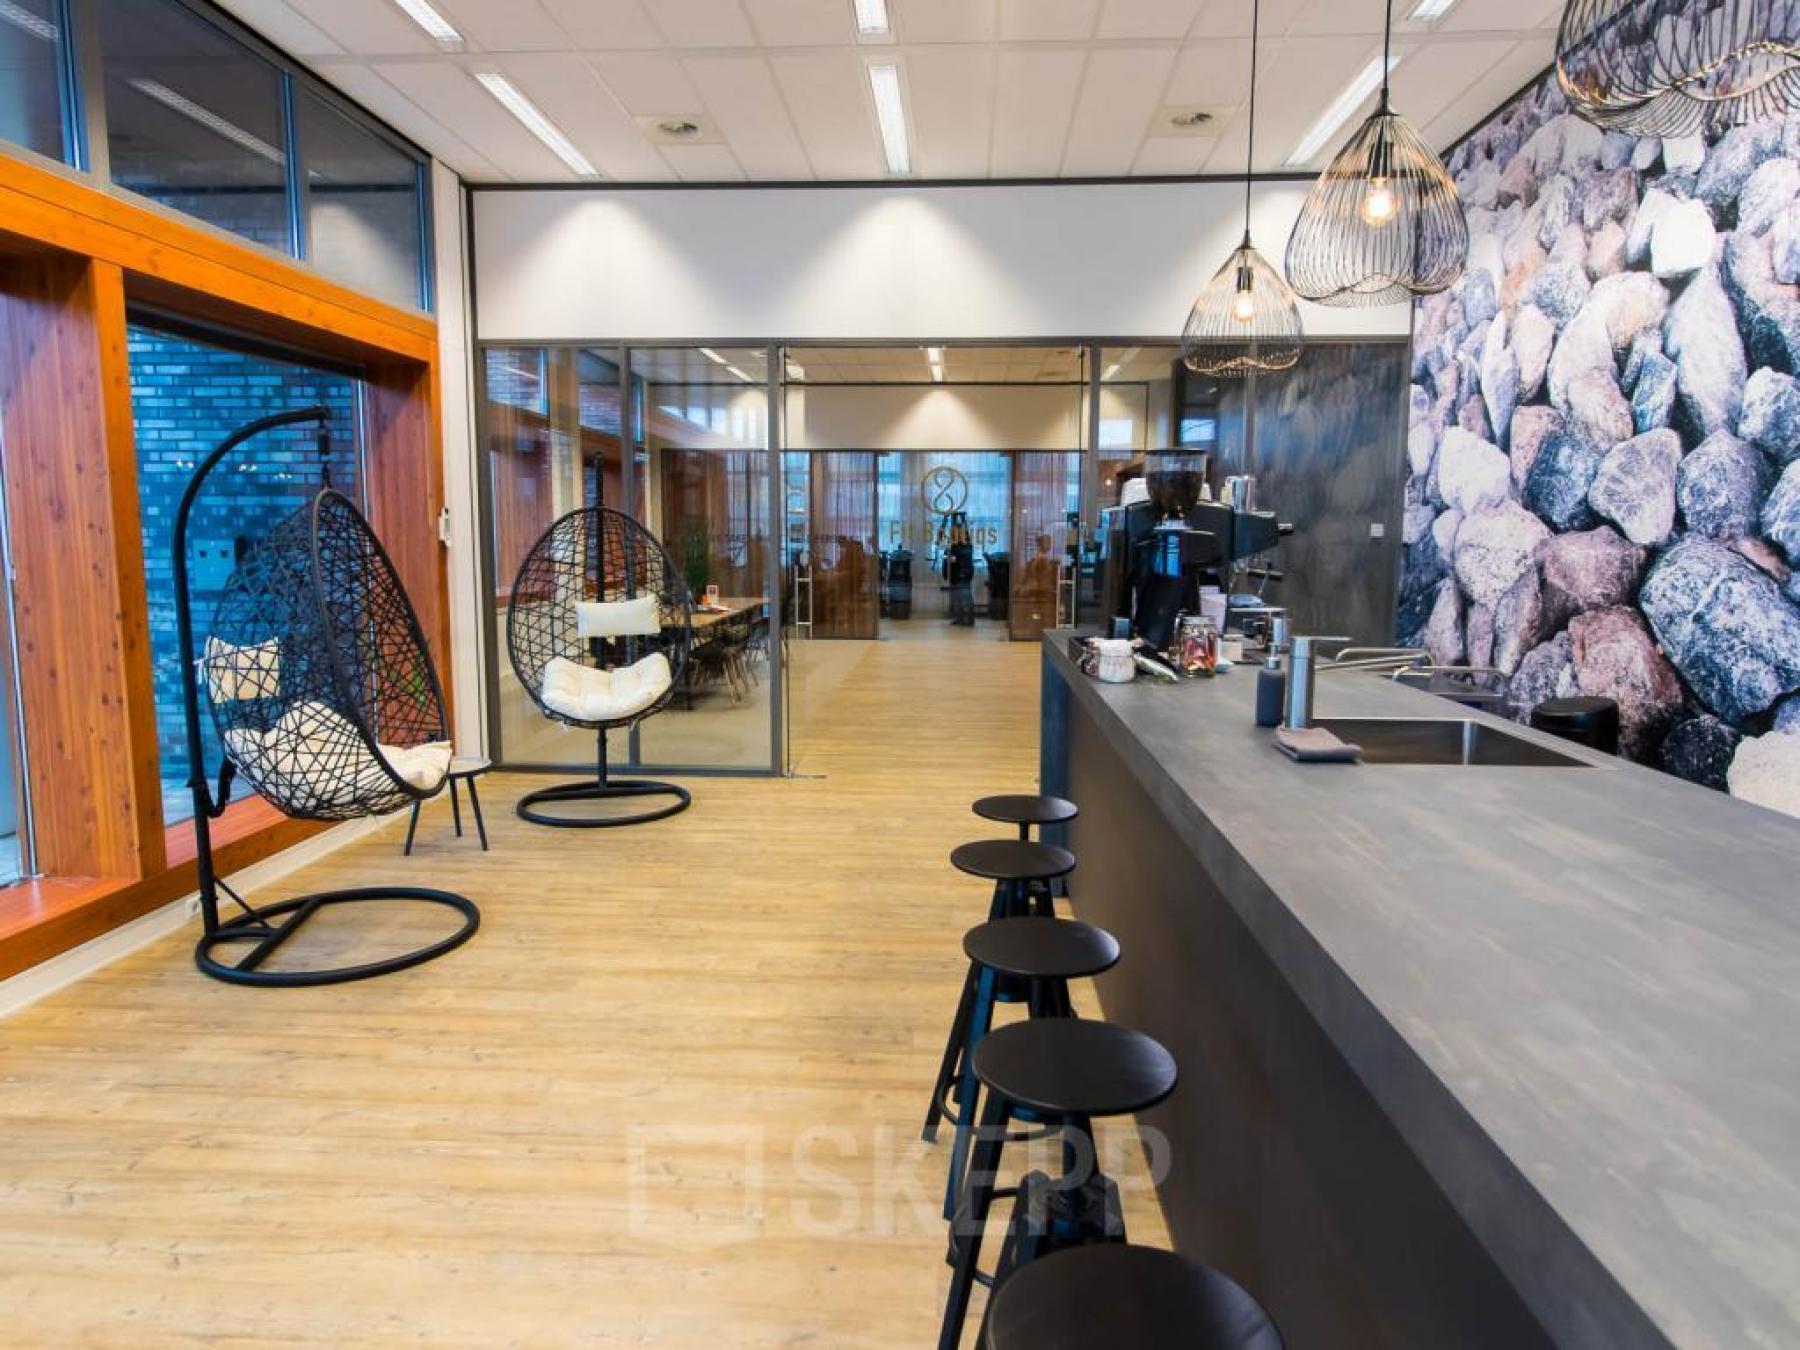 kantoorpand olympia smallepad amersfoort